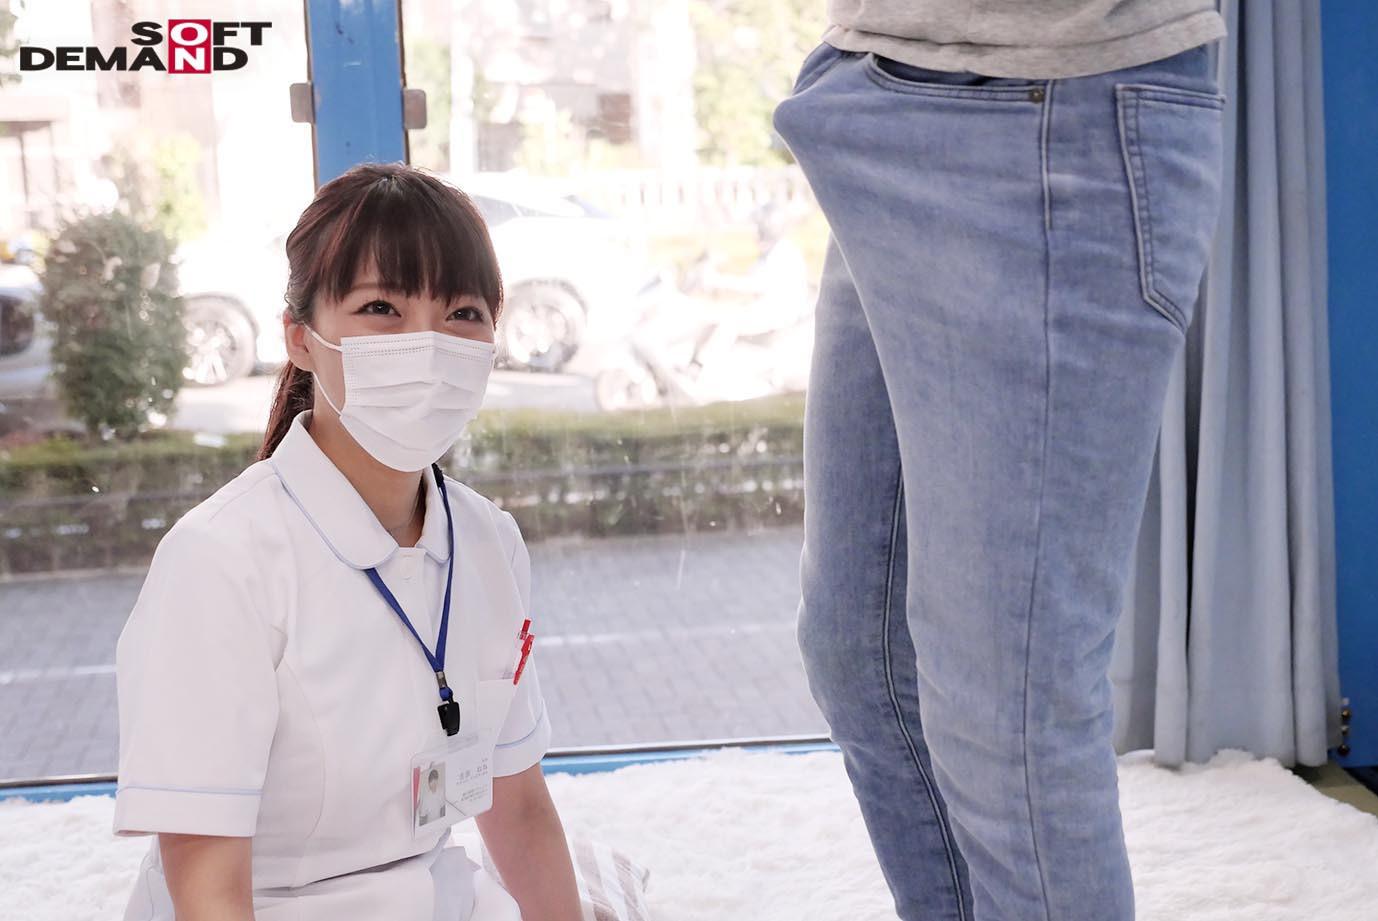 マジックミラー号 看護師限定 「絶倫ち○ぽ診察してくれませんか?」勃起が収まらなくて困っている男性をあの手この手で優しく導く白衣の天使たち 2 画像1